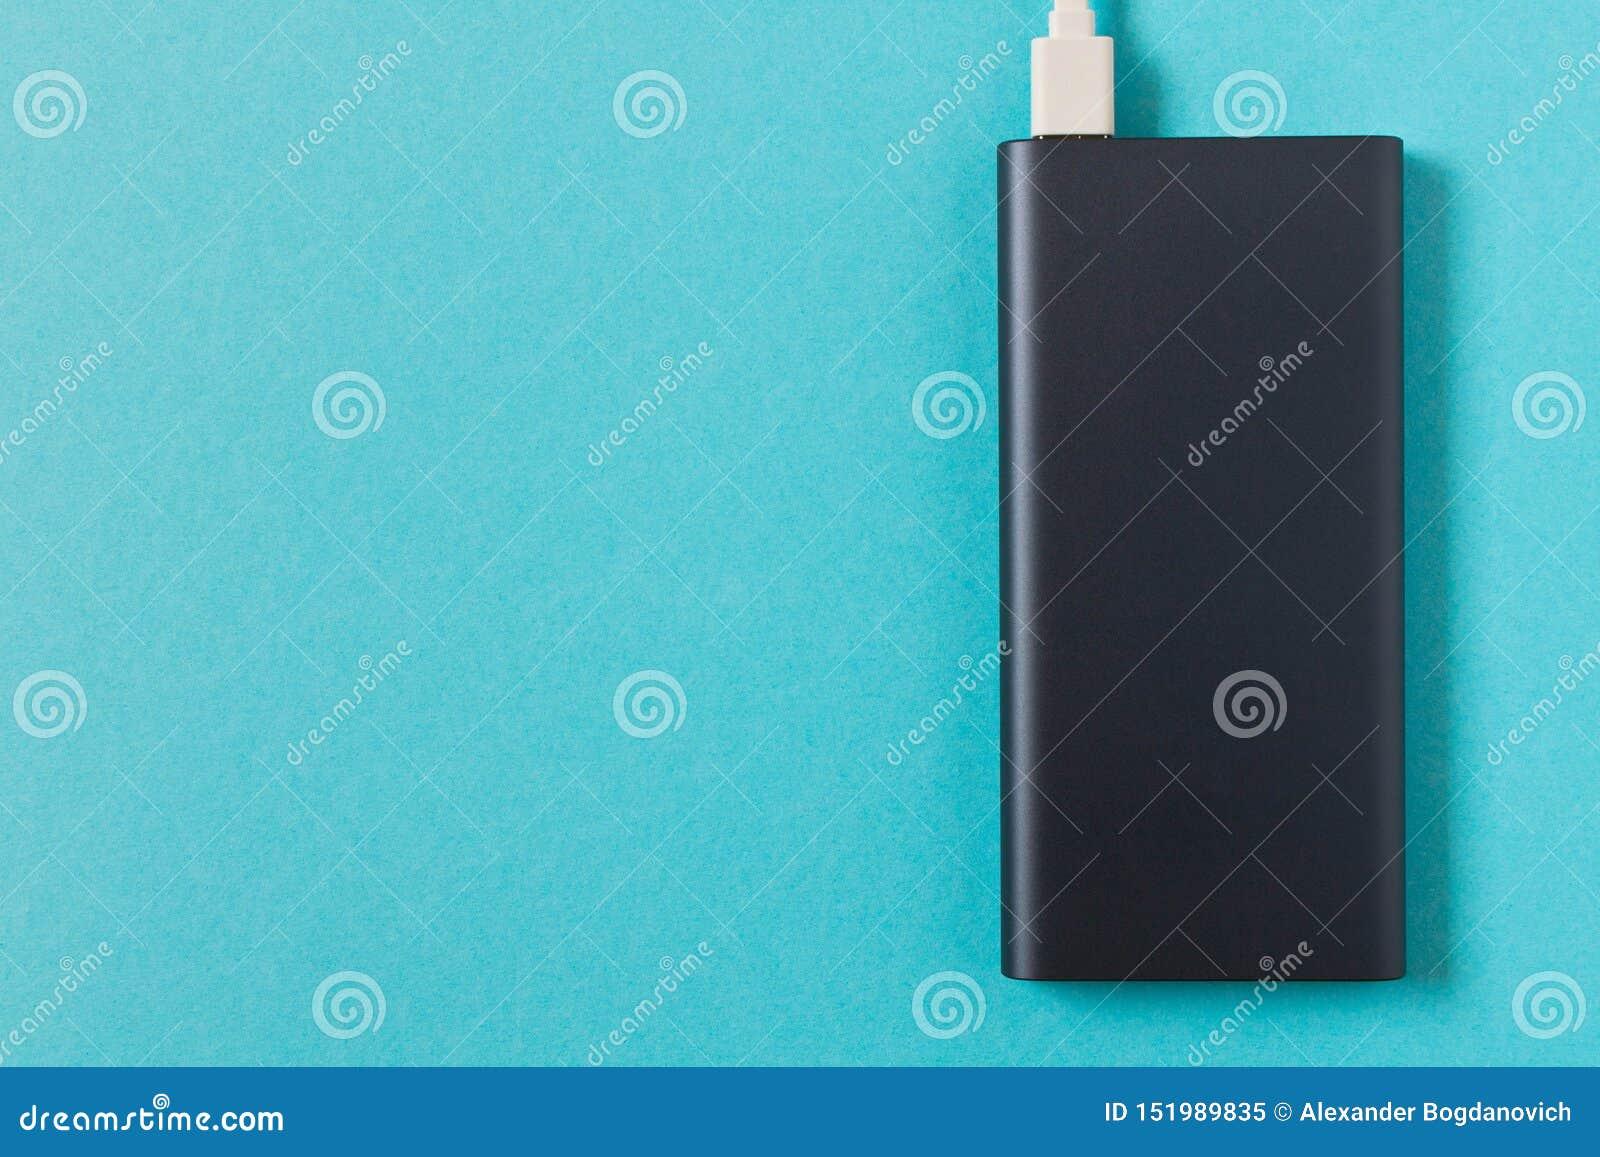 Μαύρη τράπεζα δύναμης με τον προσαρμοστή για τη χρέωση των κινητών συσκευών σε ένα μπλε υπόβαθρο